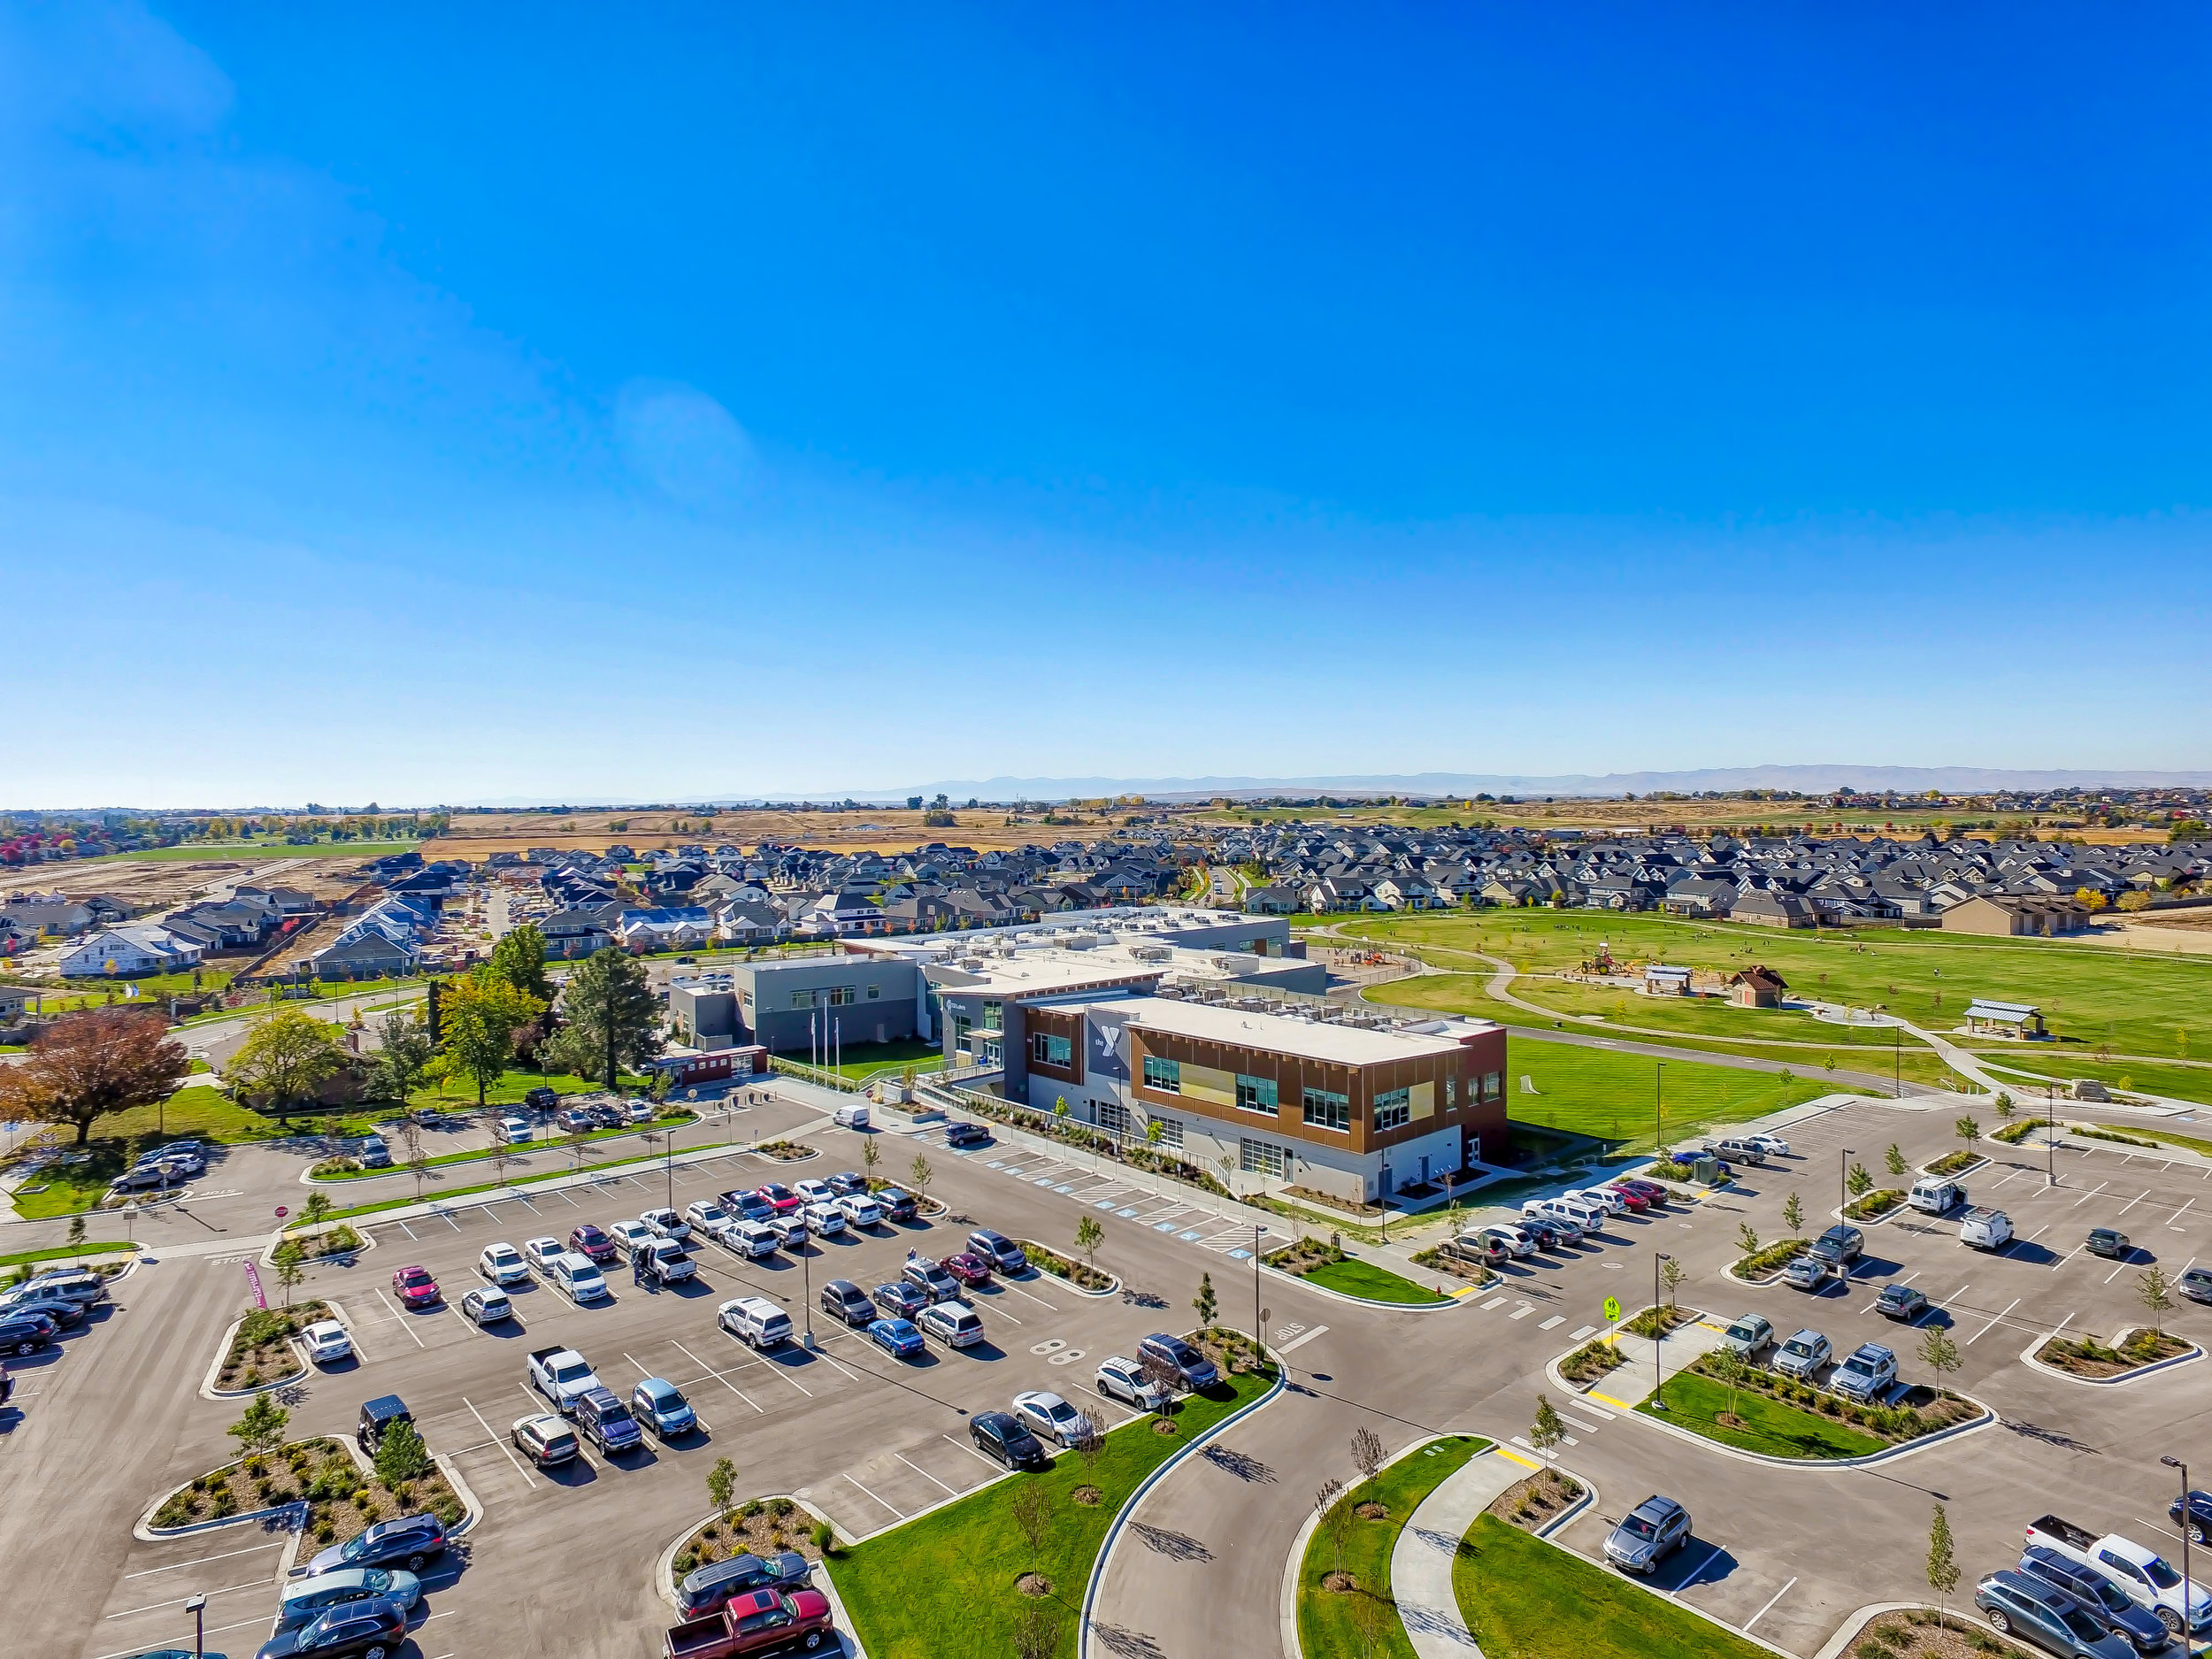 029_Aerial Community View_14.jpg